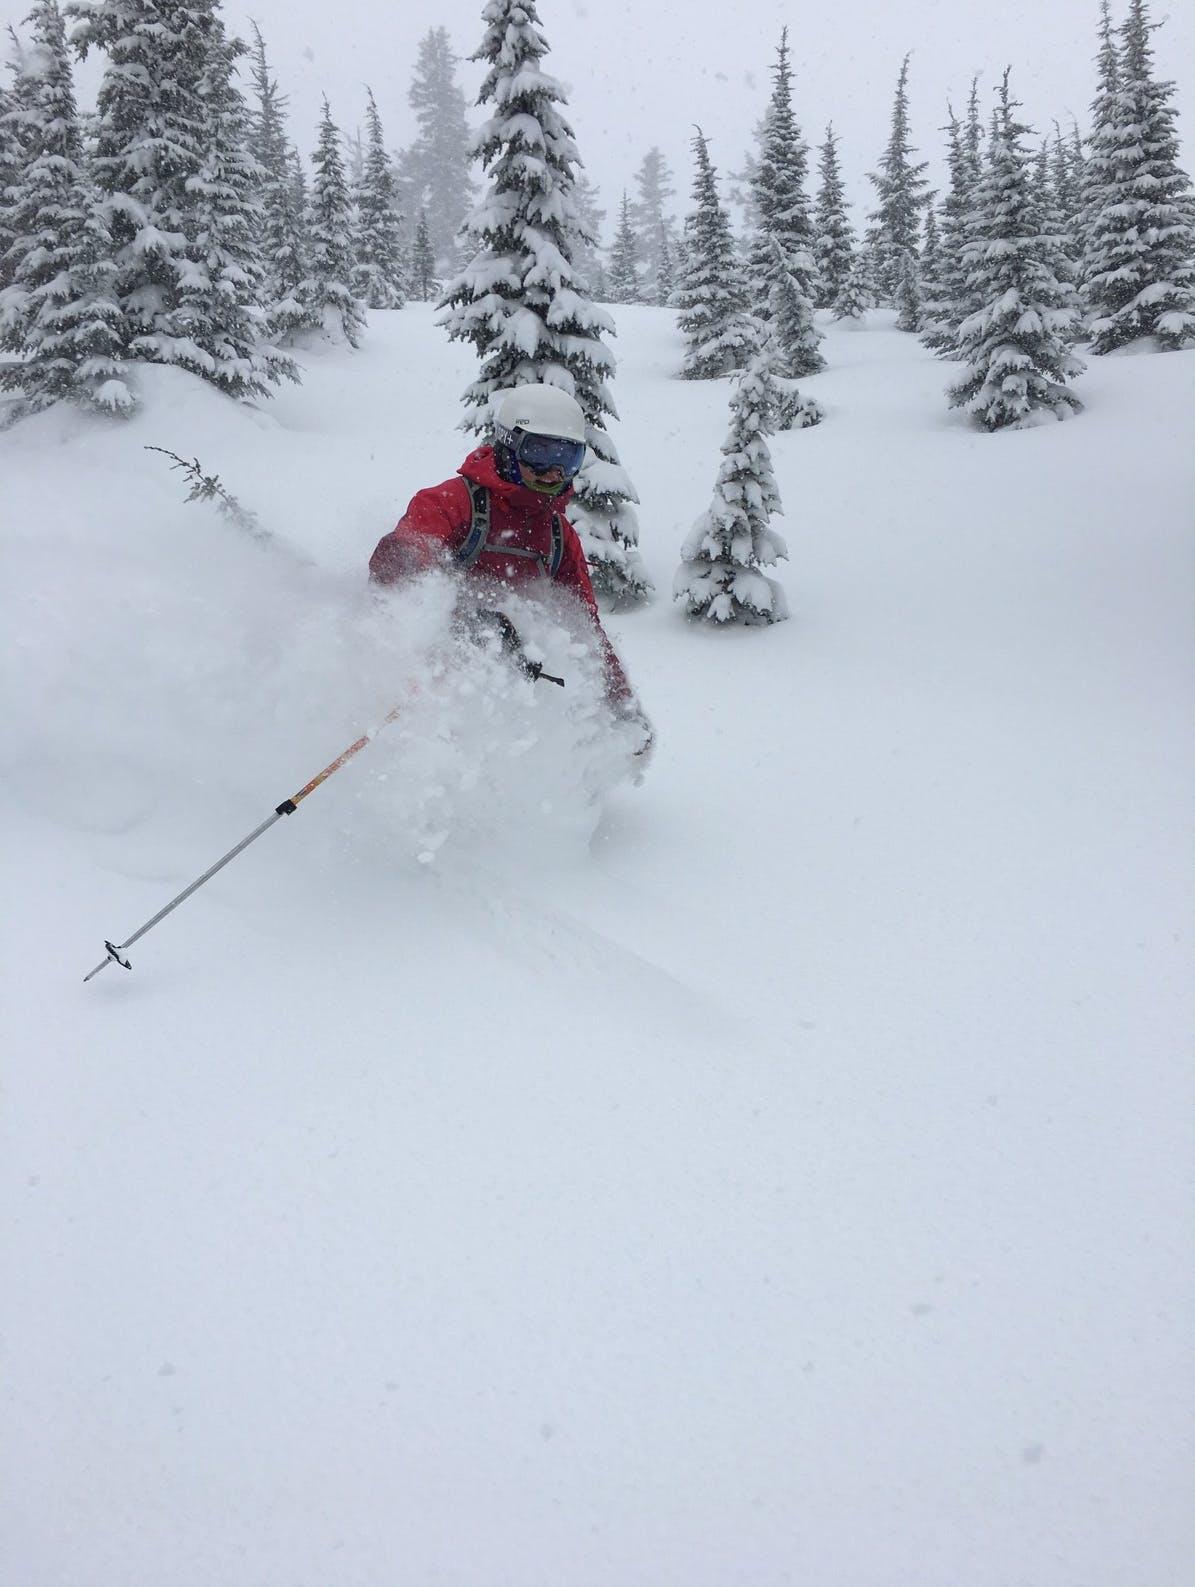 Ski Expert Casey Brucker